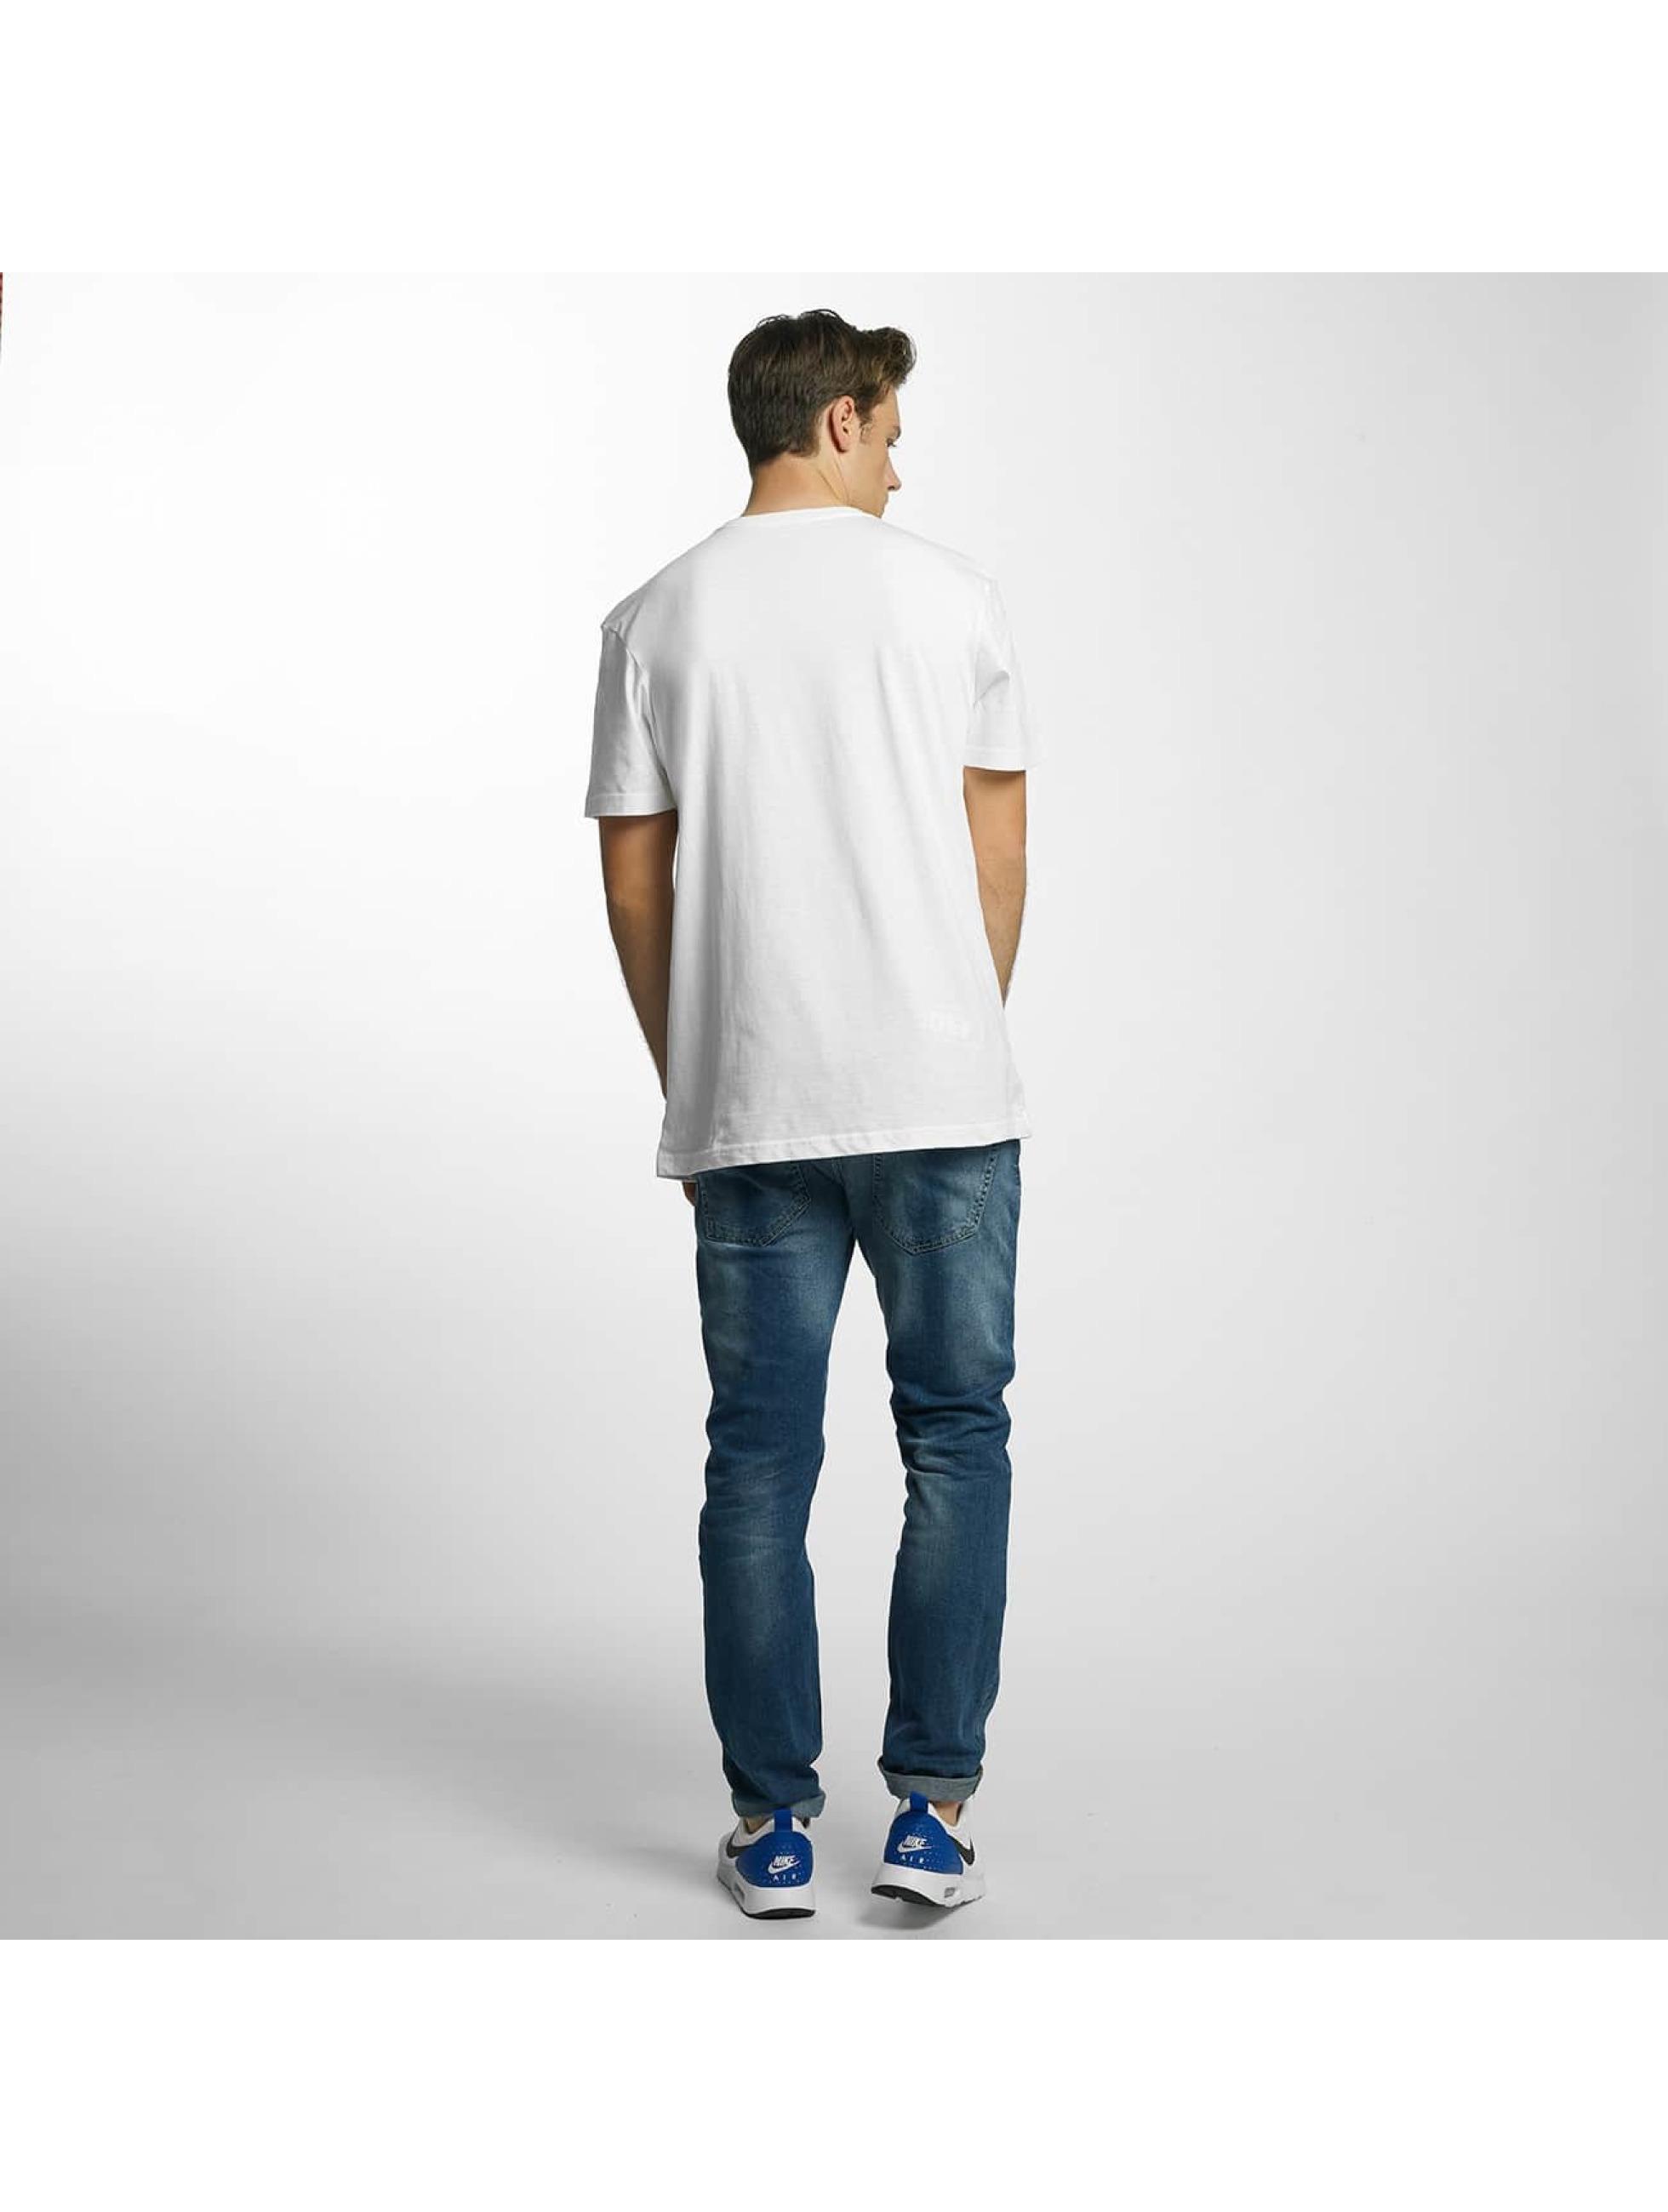 Quiksilver Camiseta Classic Comfort Place blanco